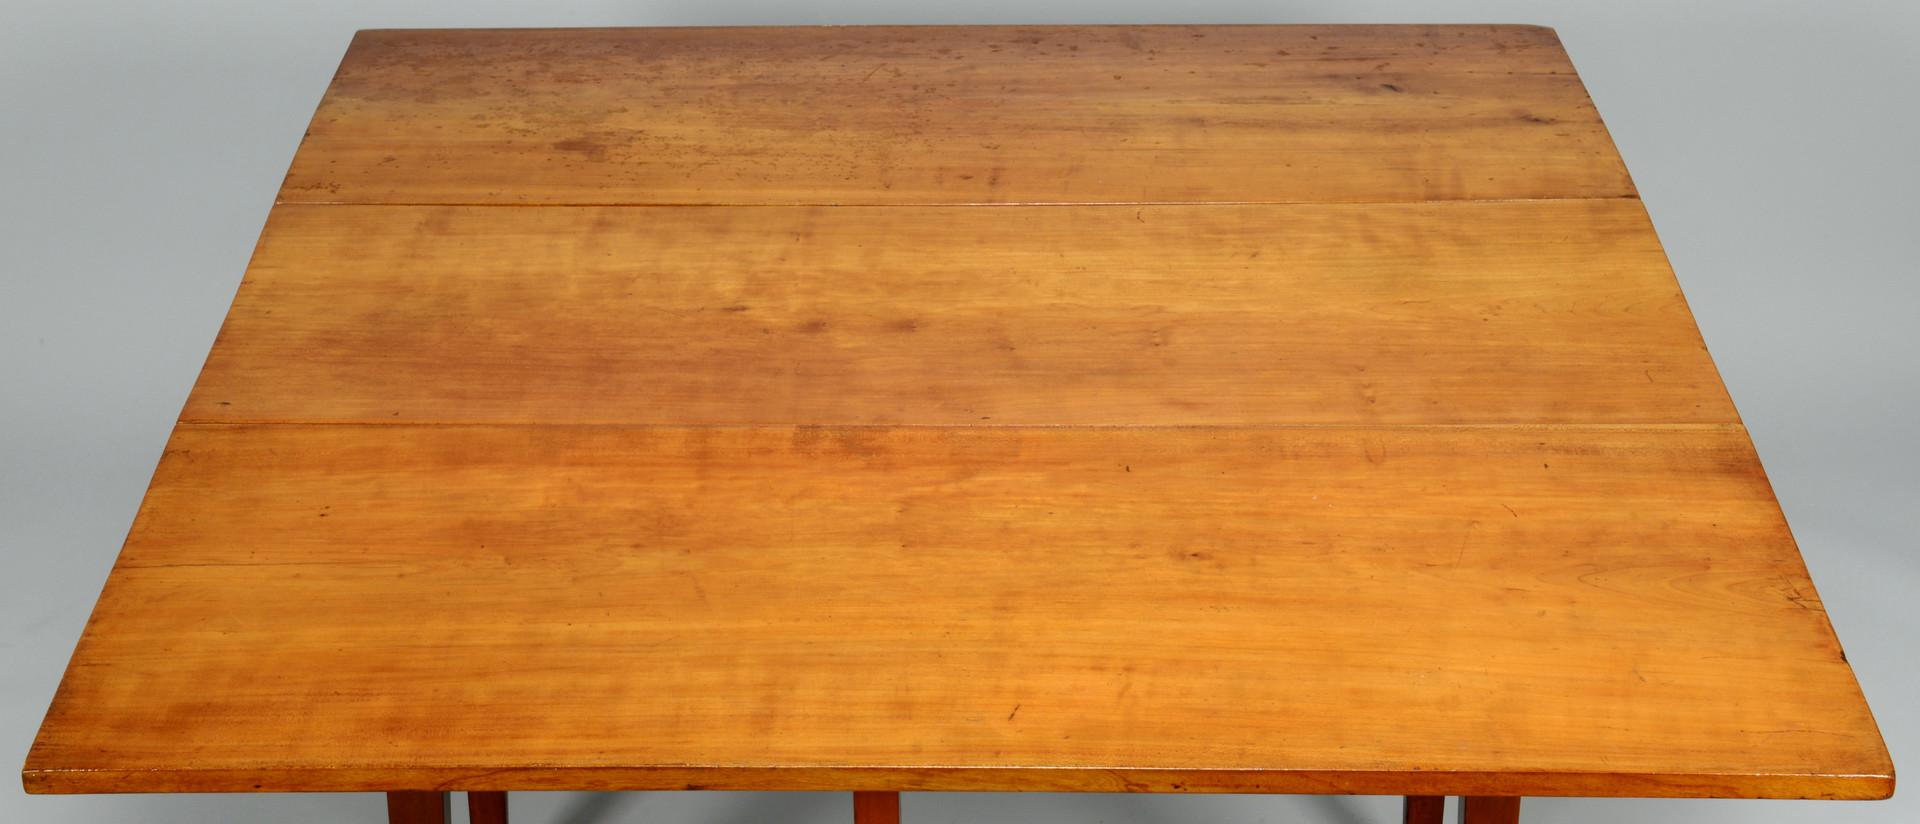 Lot 391: TN Hepplewhite Drop Leaf Table